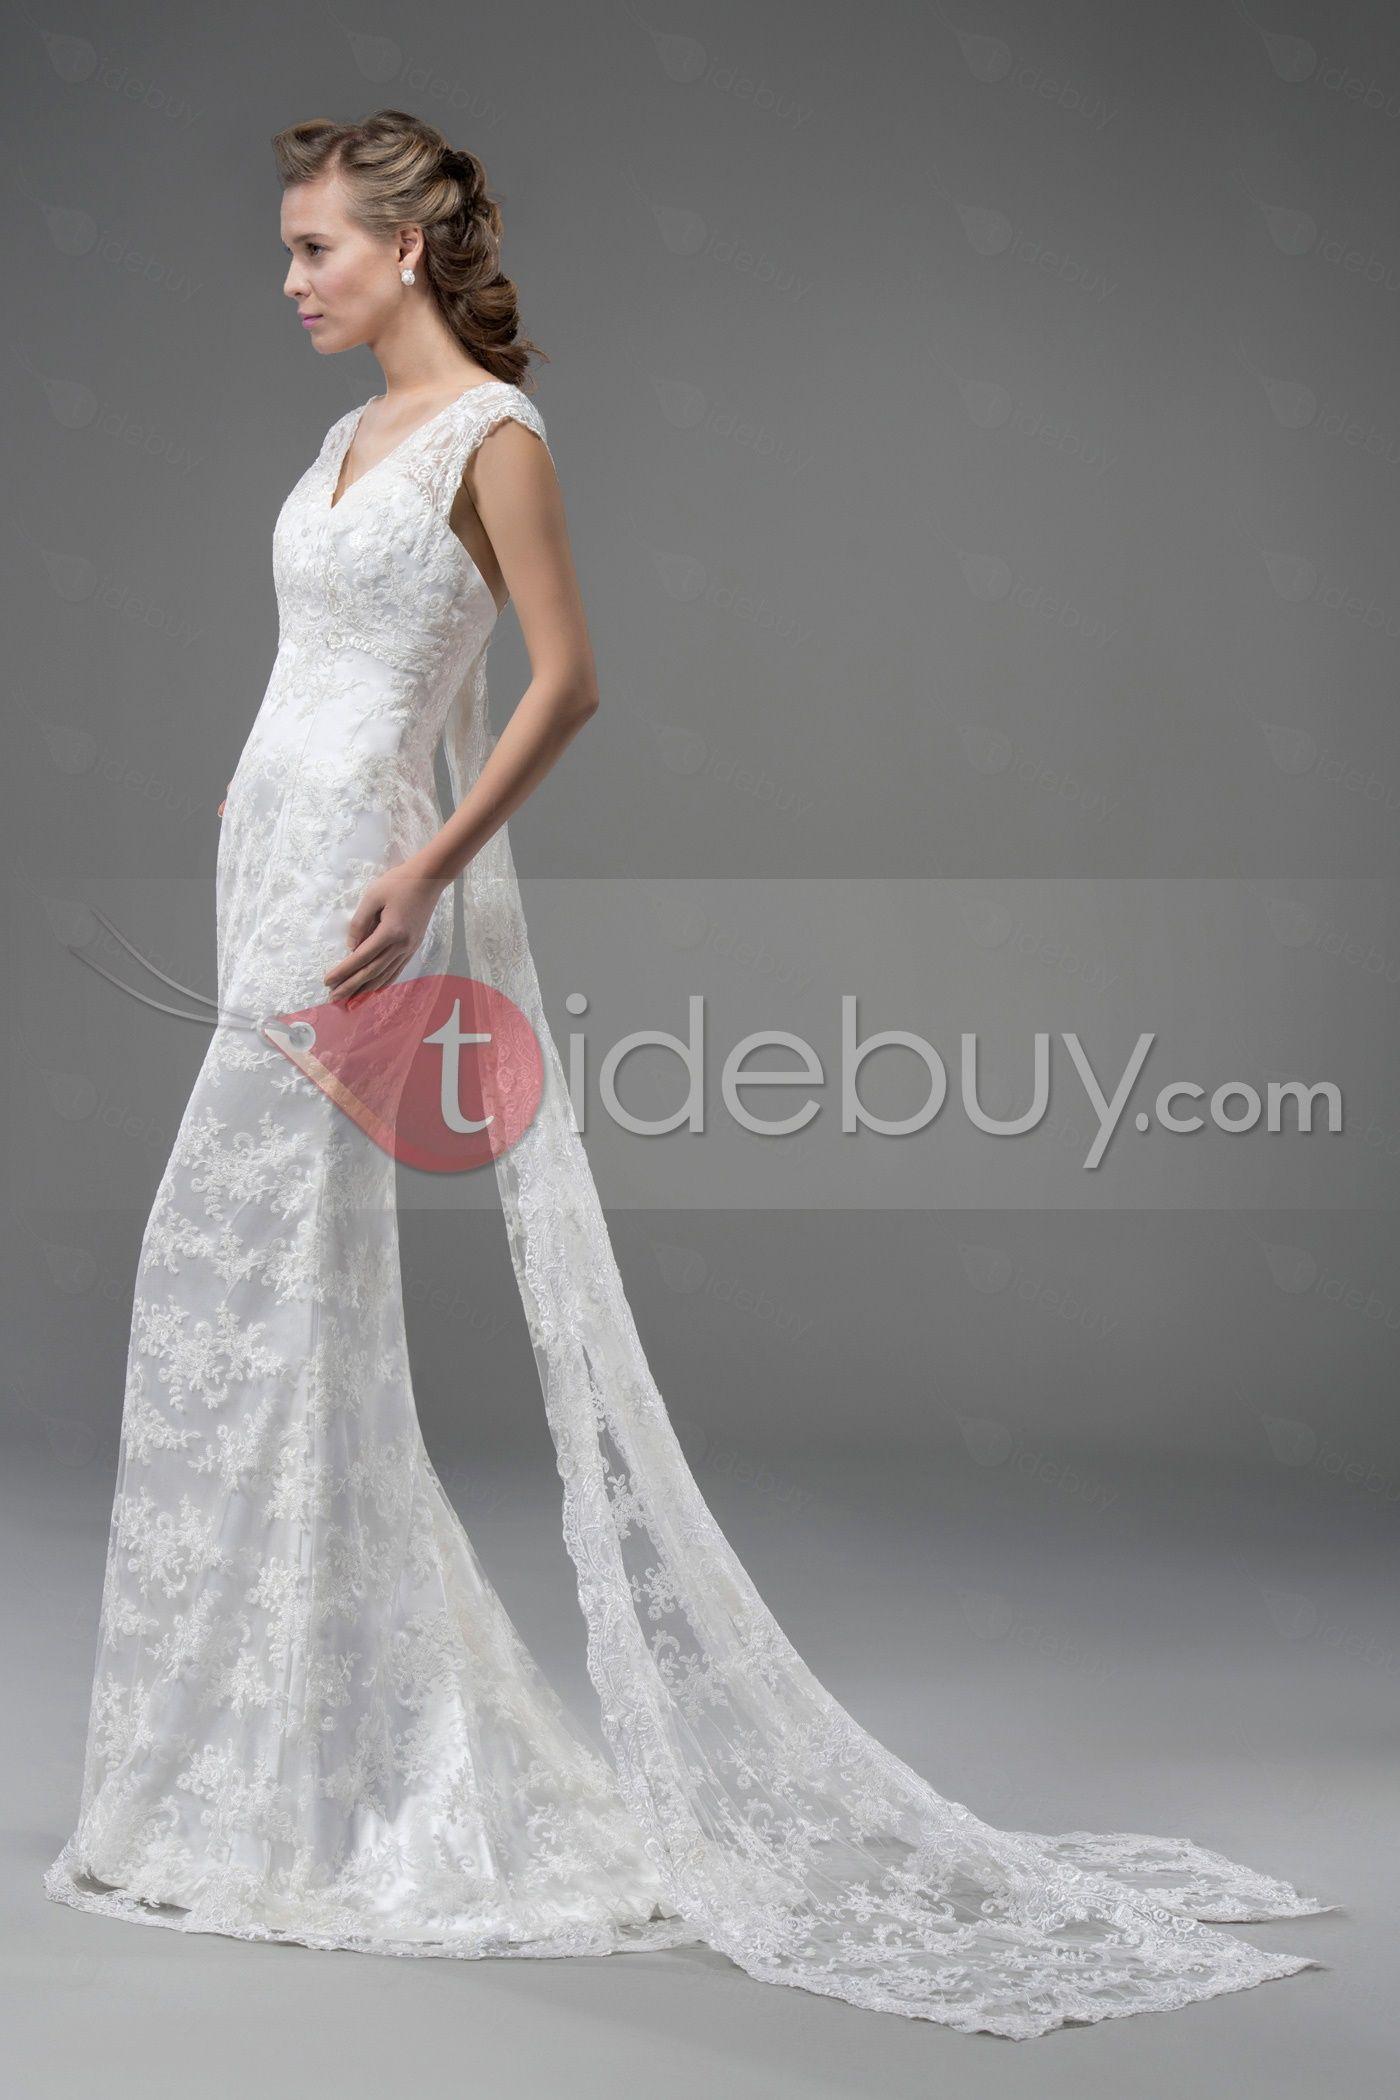 エレガントなVネックレースのヴァトーのトラインウェディングドレス